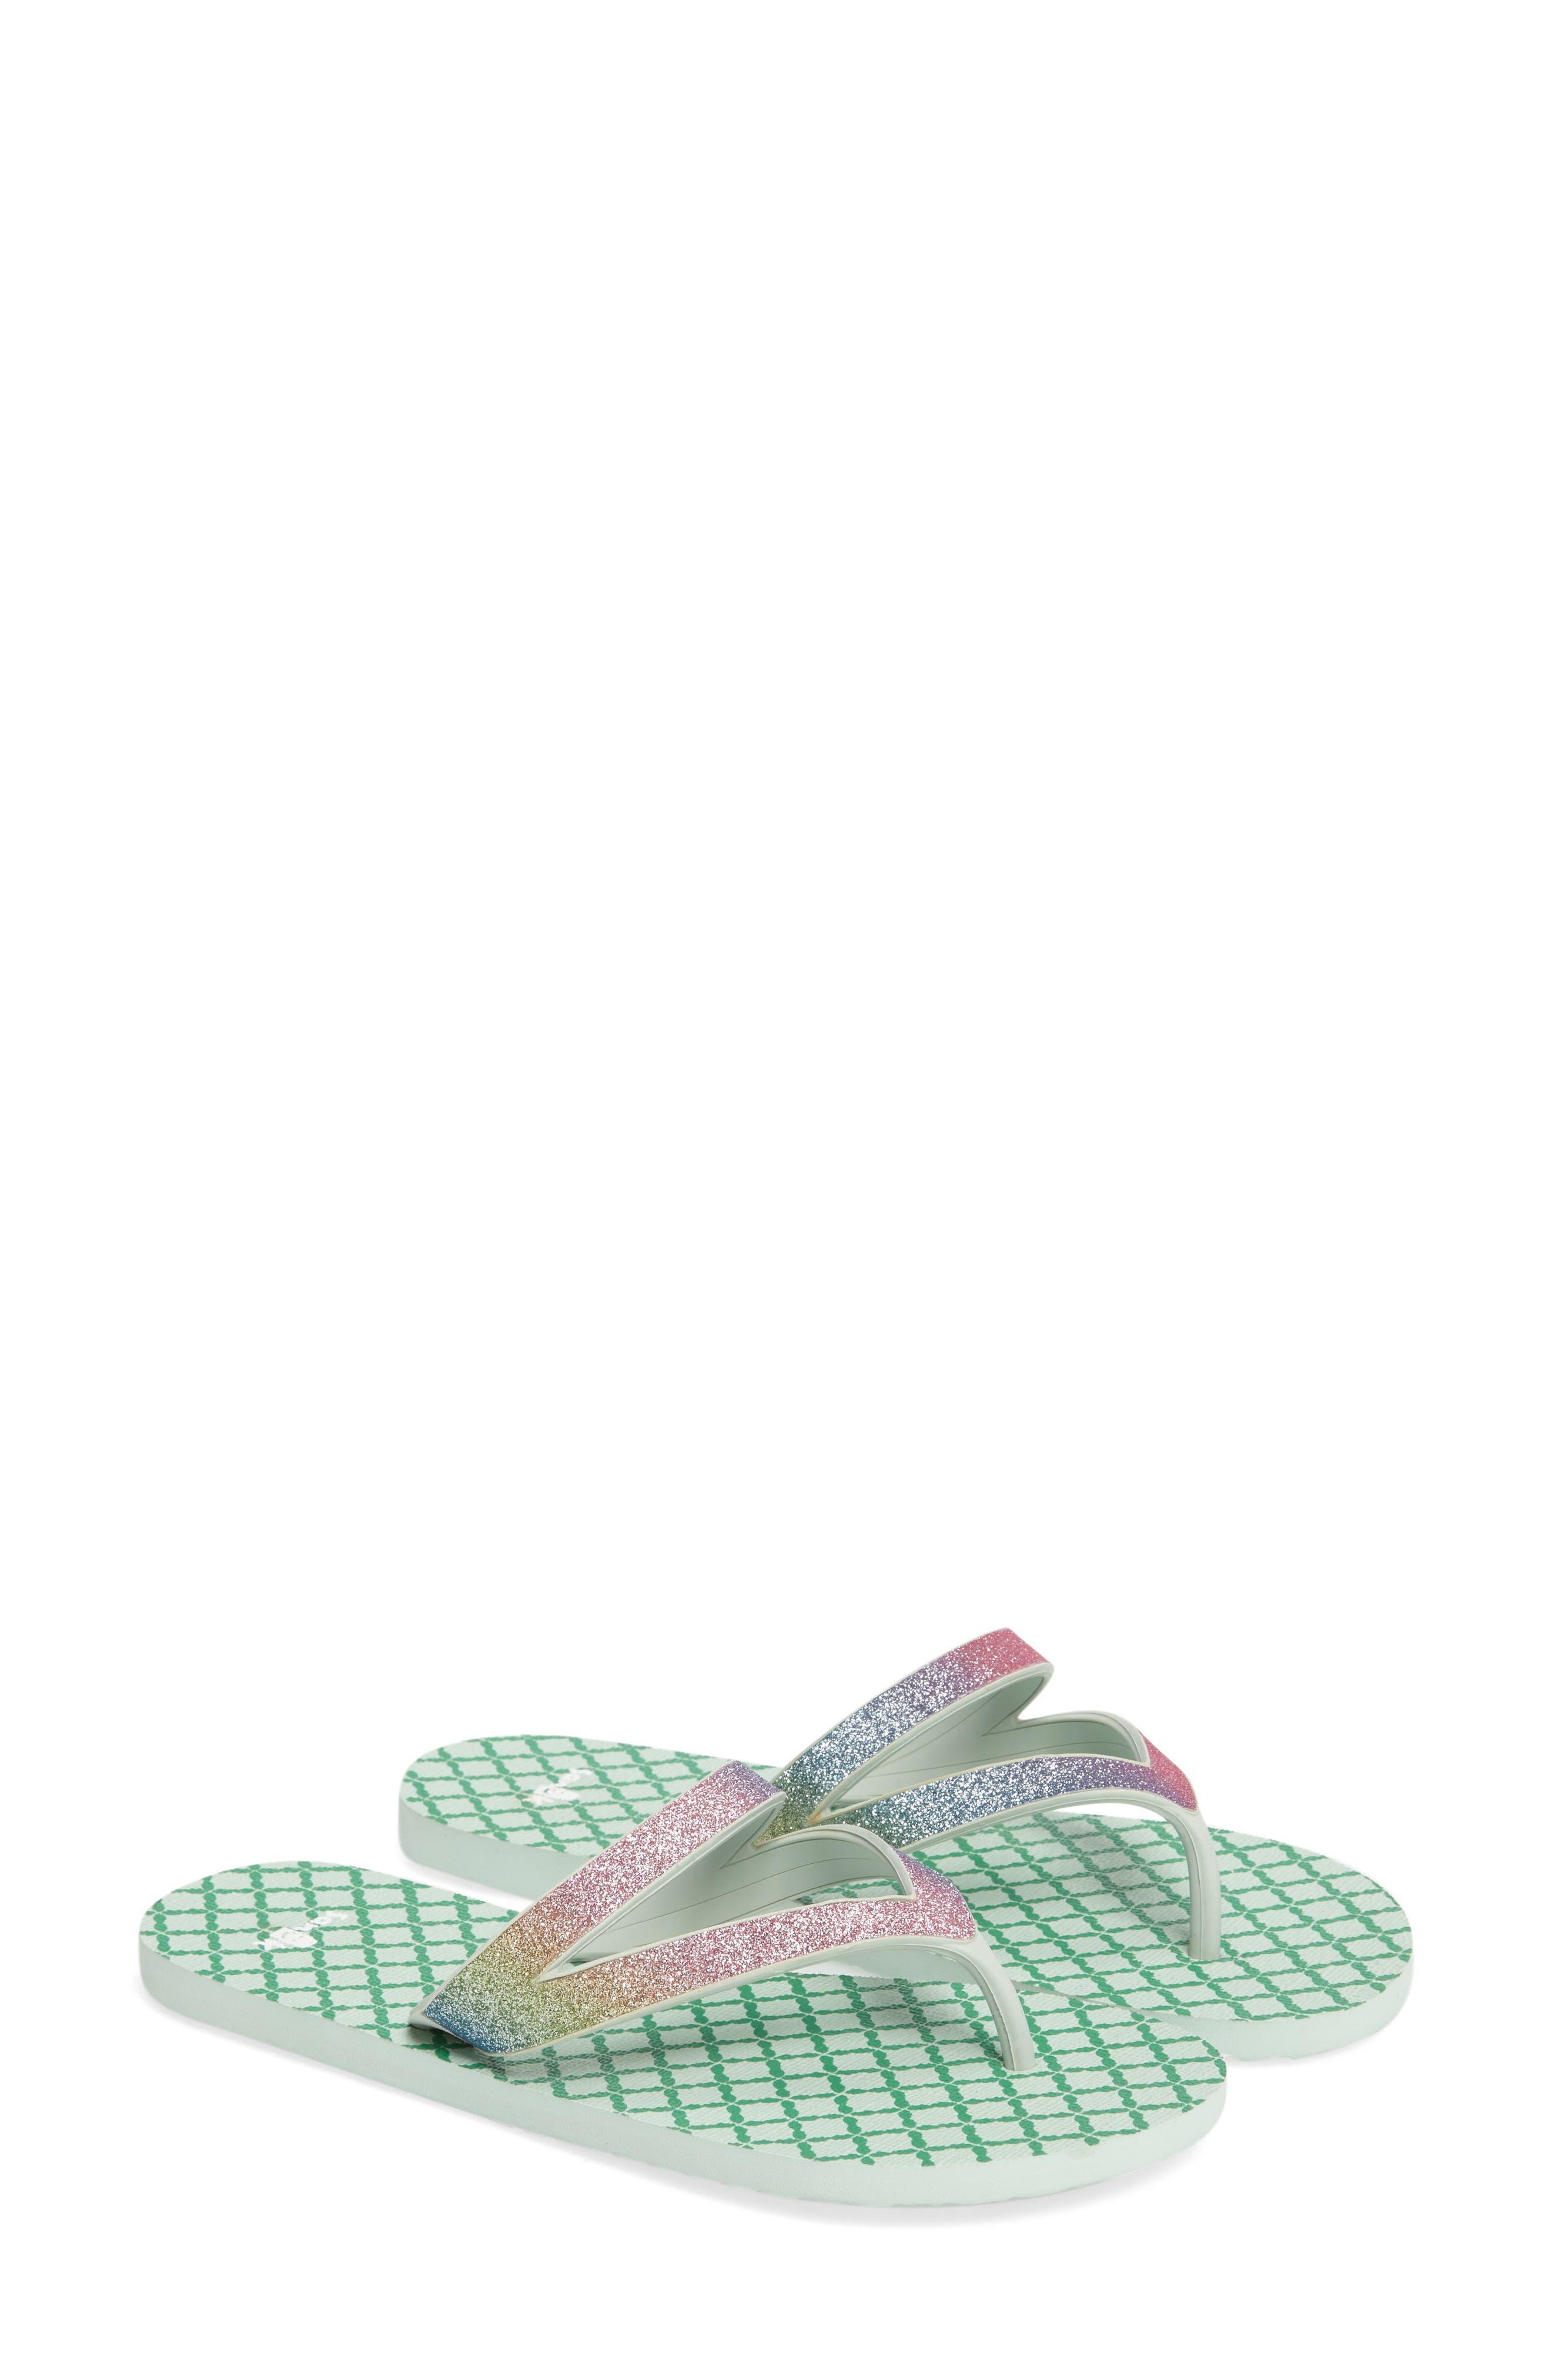 SANUK 'Lil Selene' Sandal